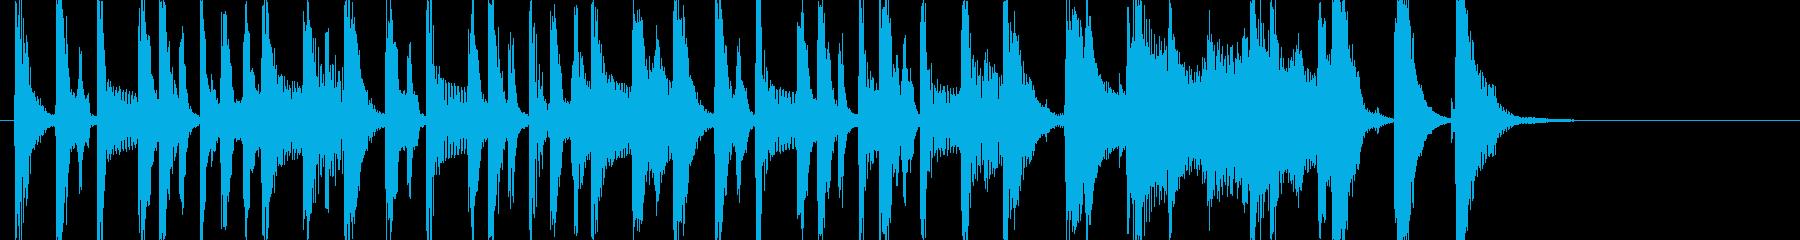 ポップでかわいめなジングルの再生済みの波形